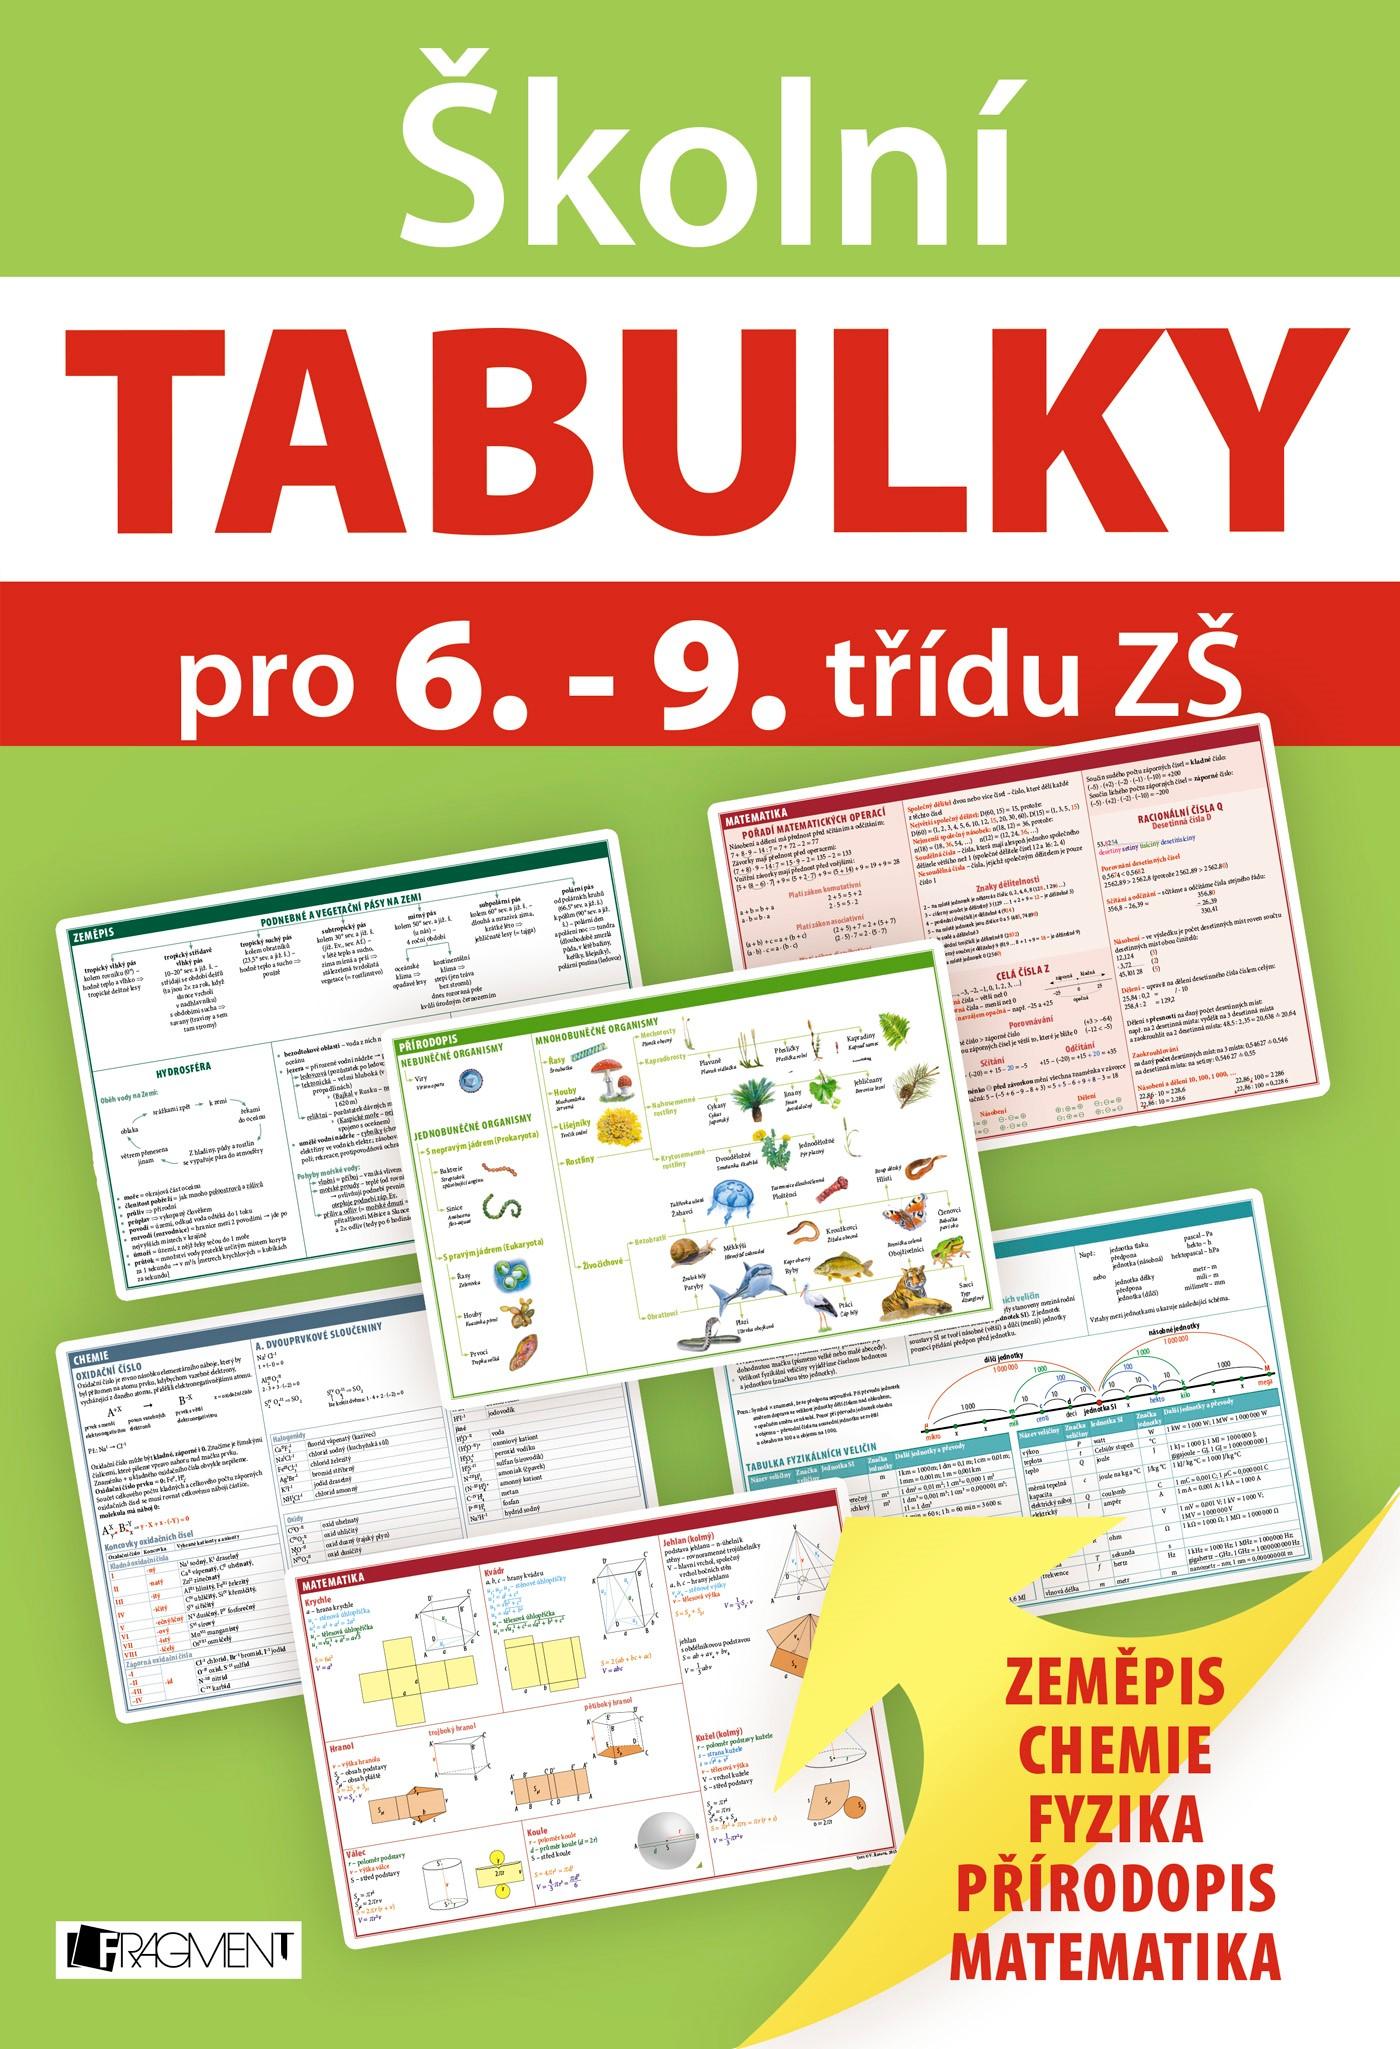 Školní TABULKY pro 6.-9. třídu ZŠ (přírodovědné předměty)   ŽKV